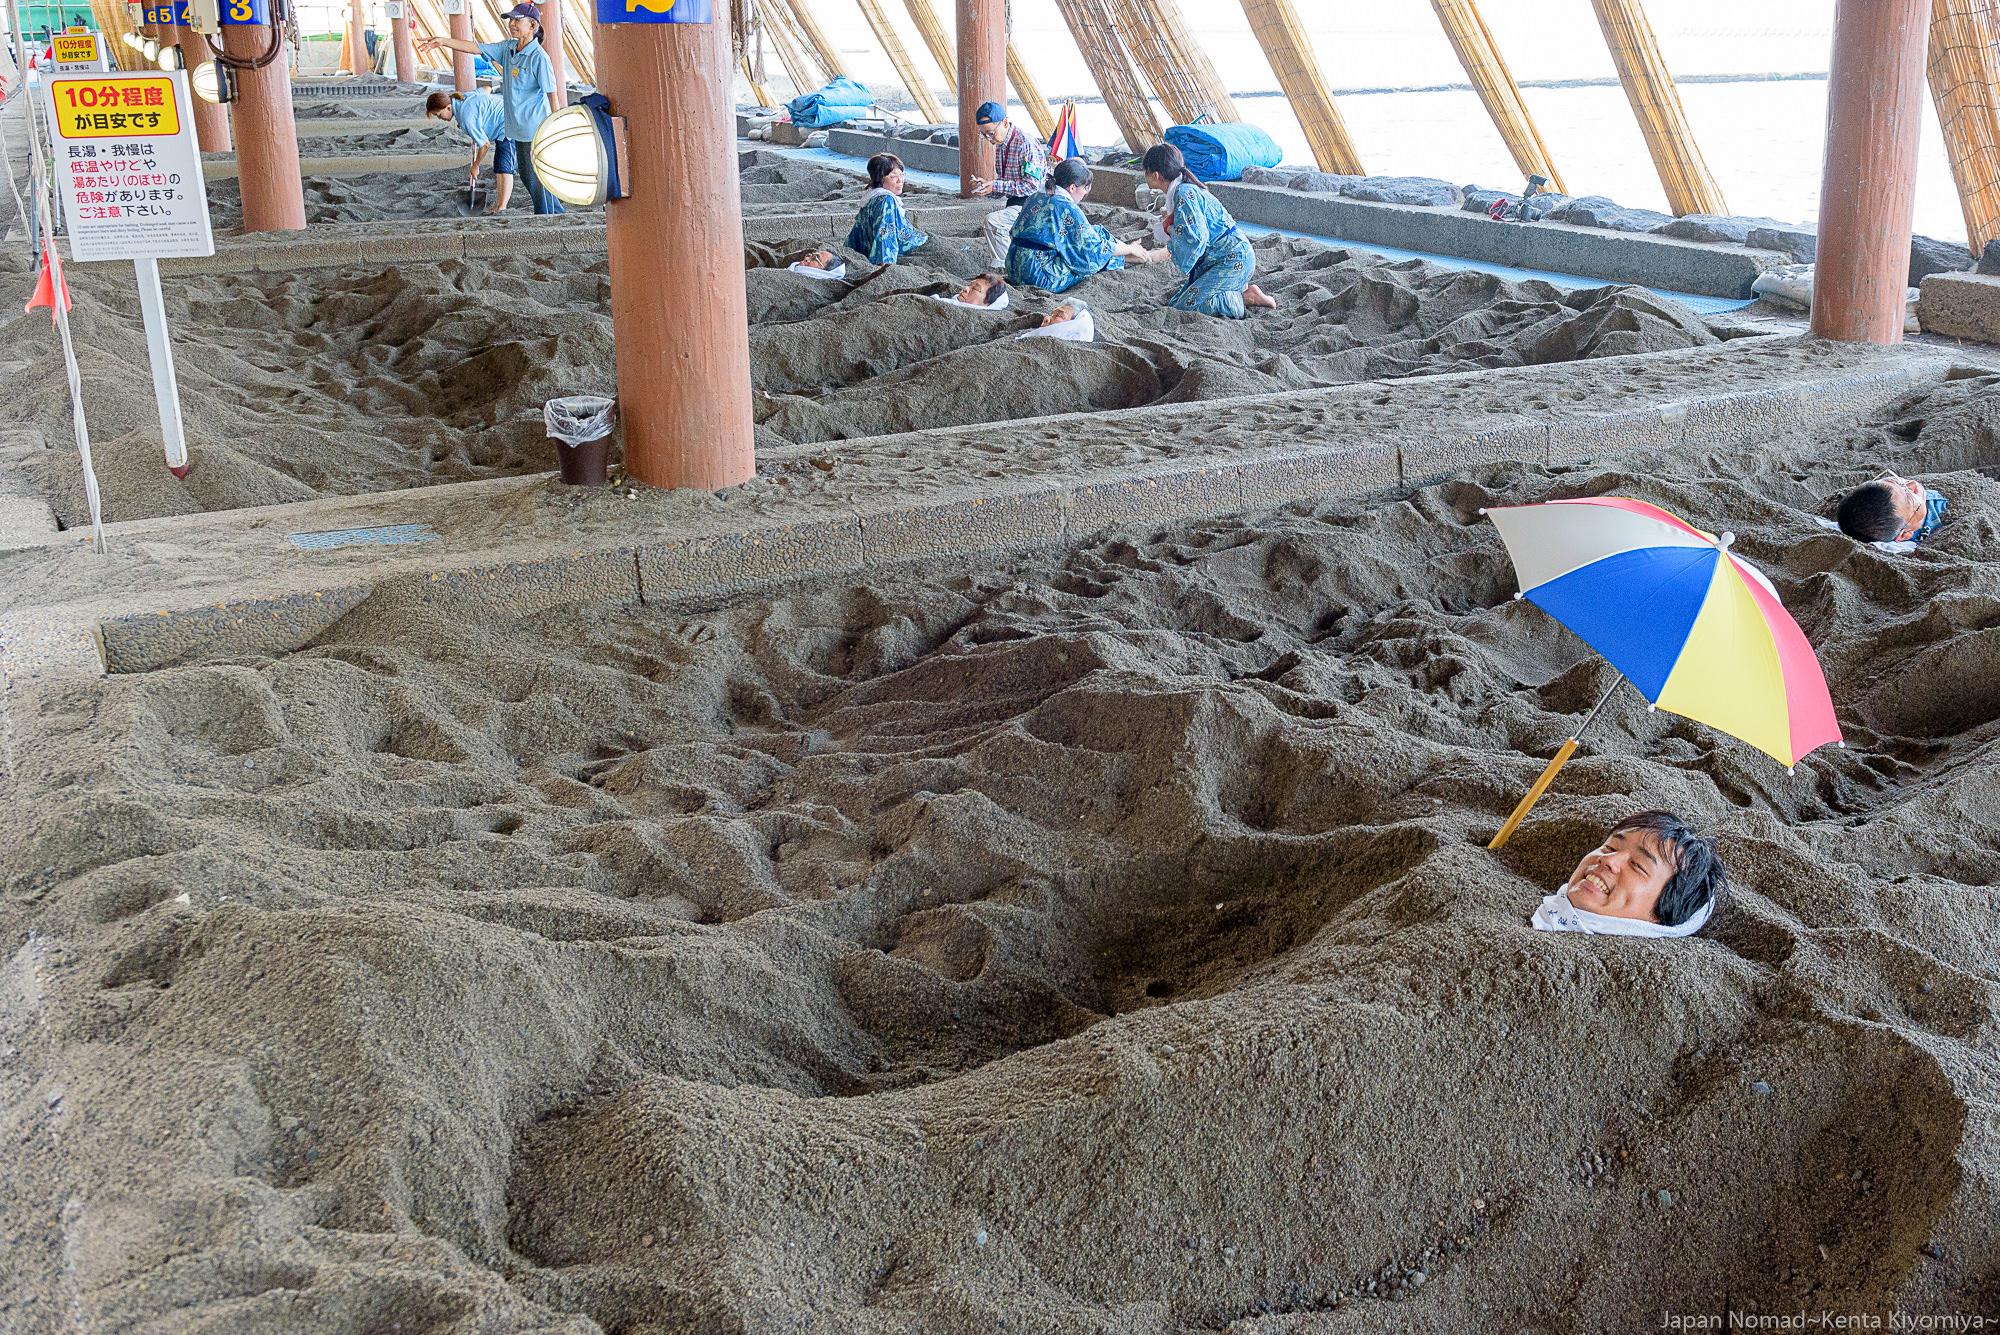 【旅223日目】屋久島から帰還!指宿と言ったら「砂むし温泉」へ